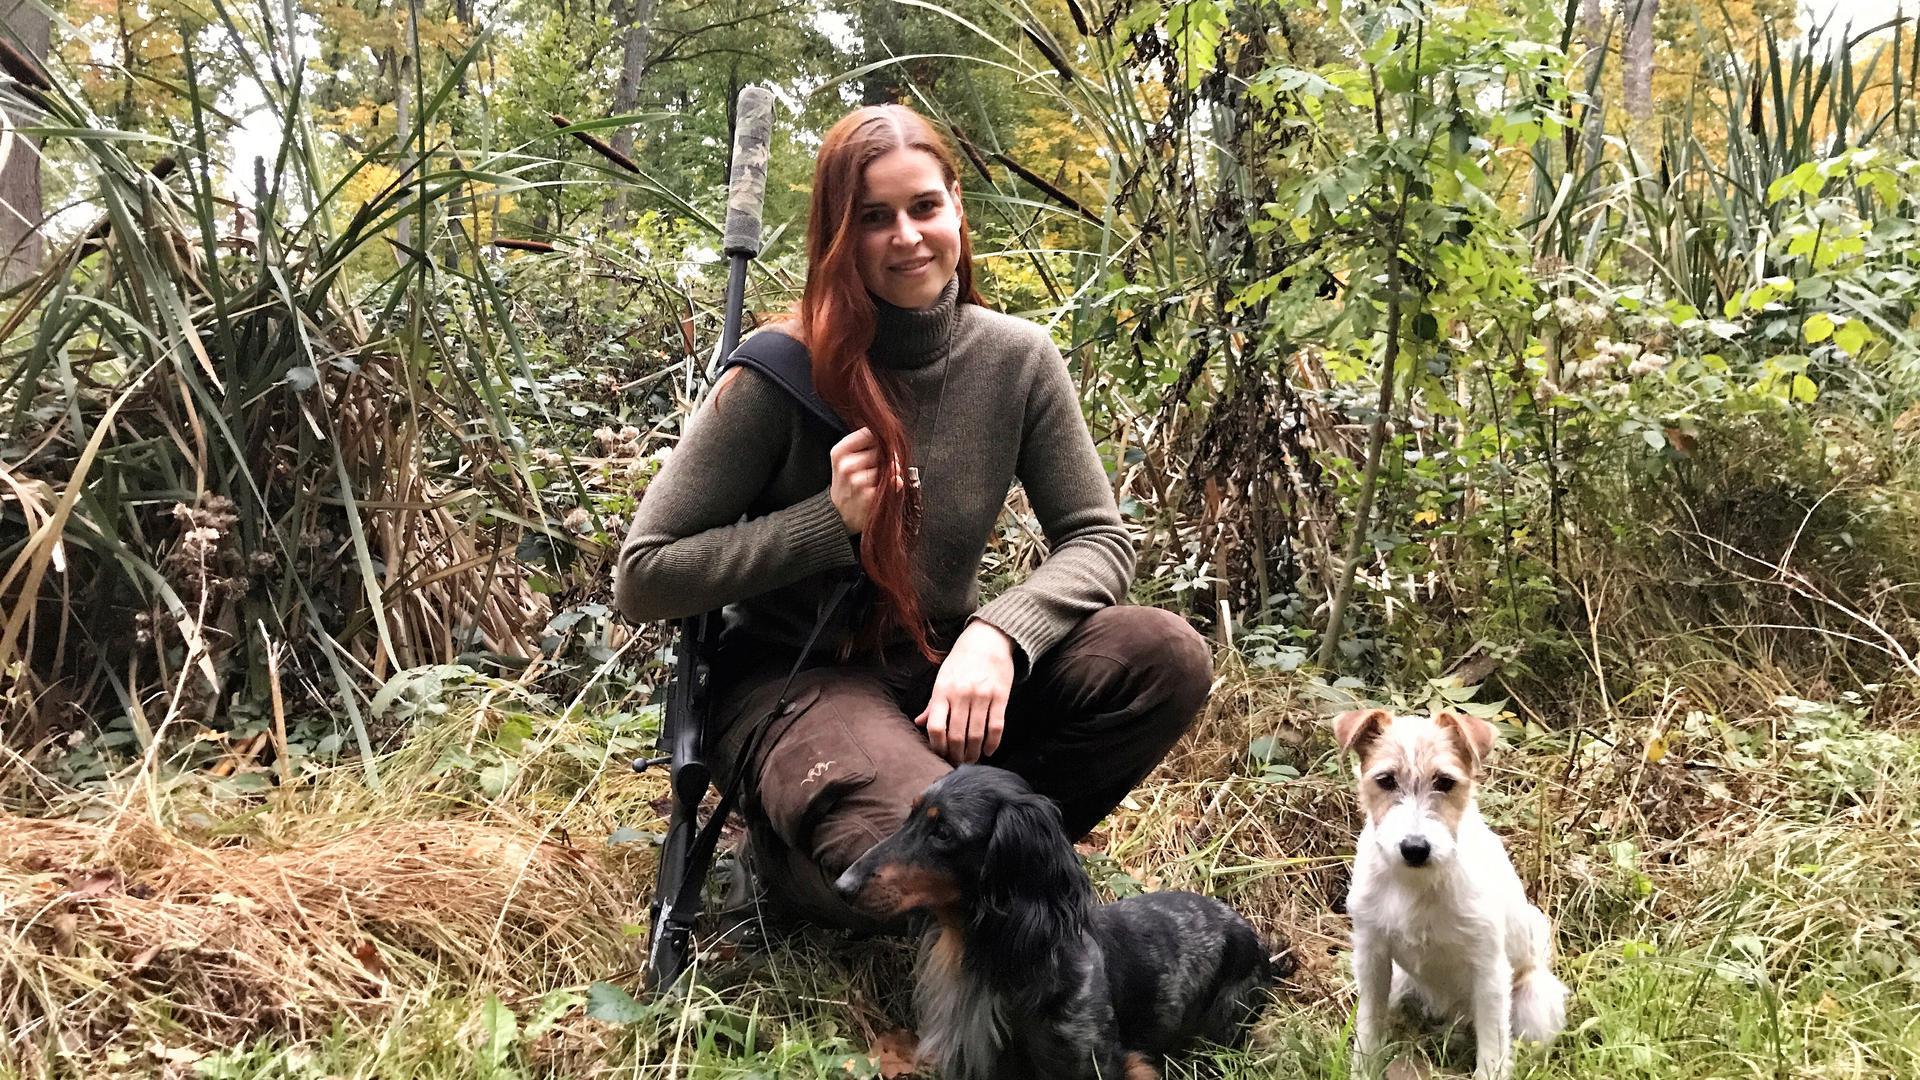 Junge Frau hat ein Gewehr umgehängt und kniet auf einer Wiese mit Schilfpflanzen im Hintergrund. Vor ihr sitzen zwei Hunde.